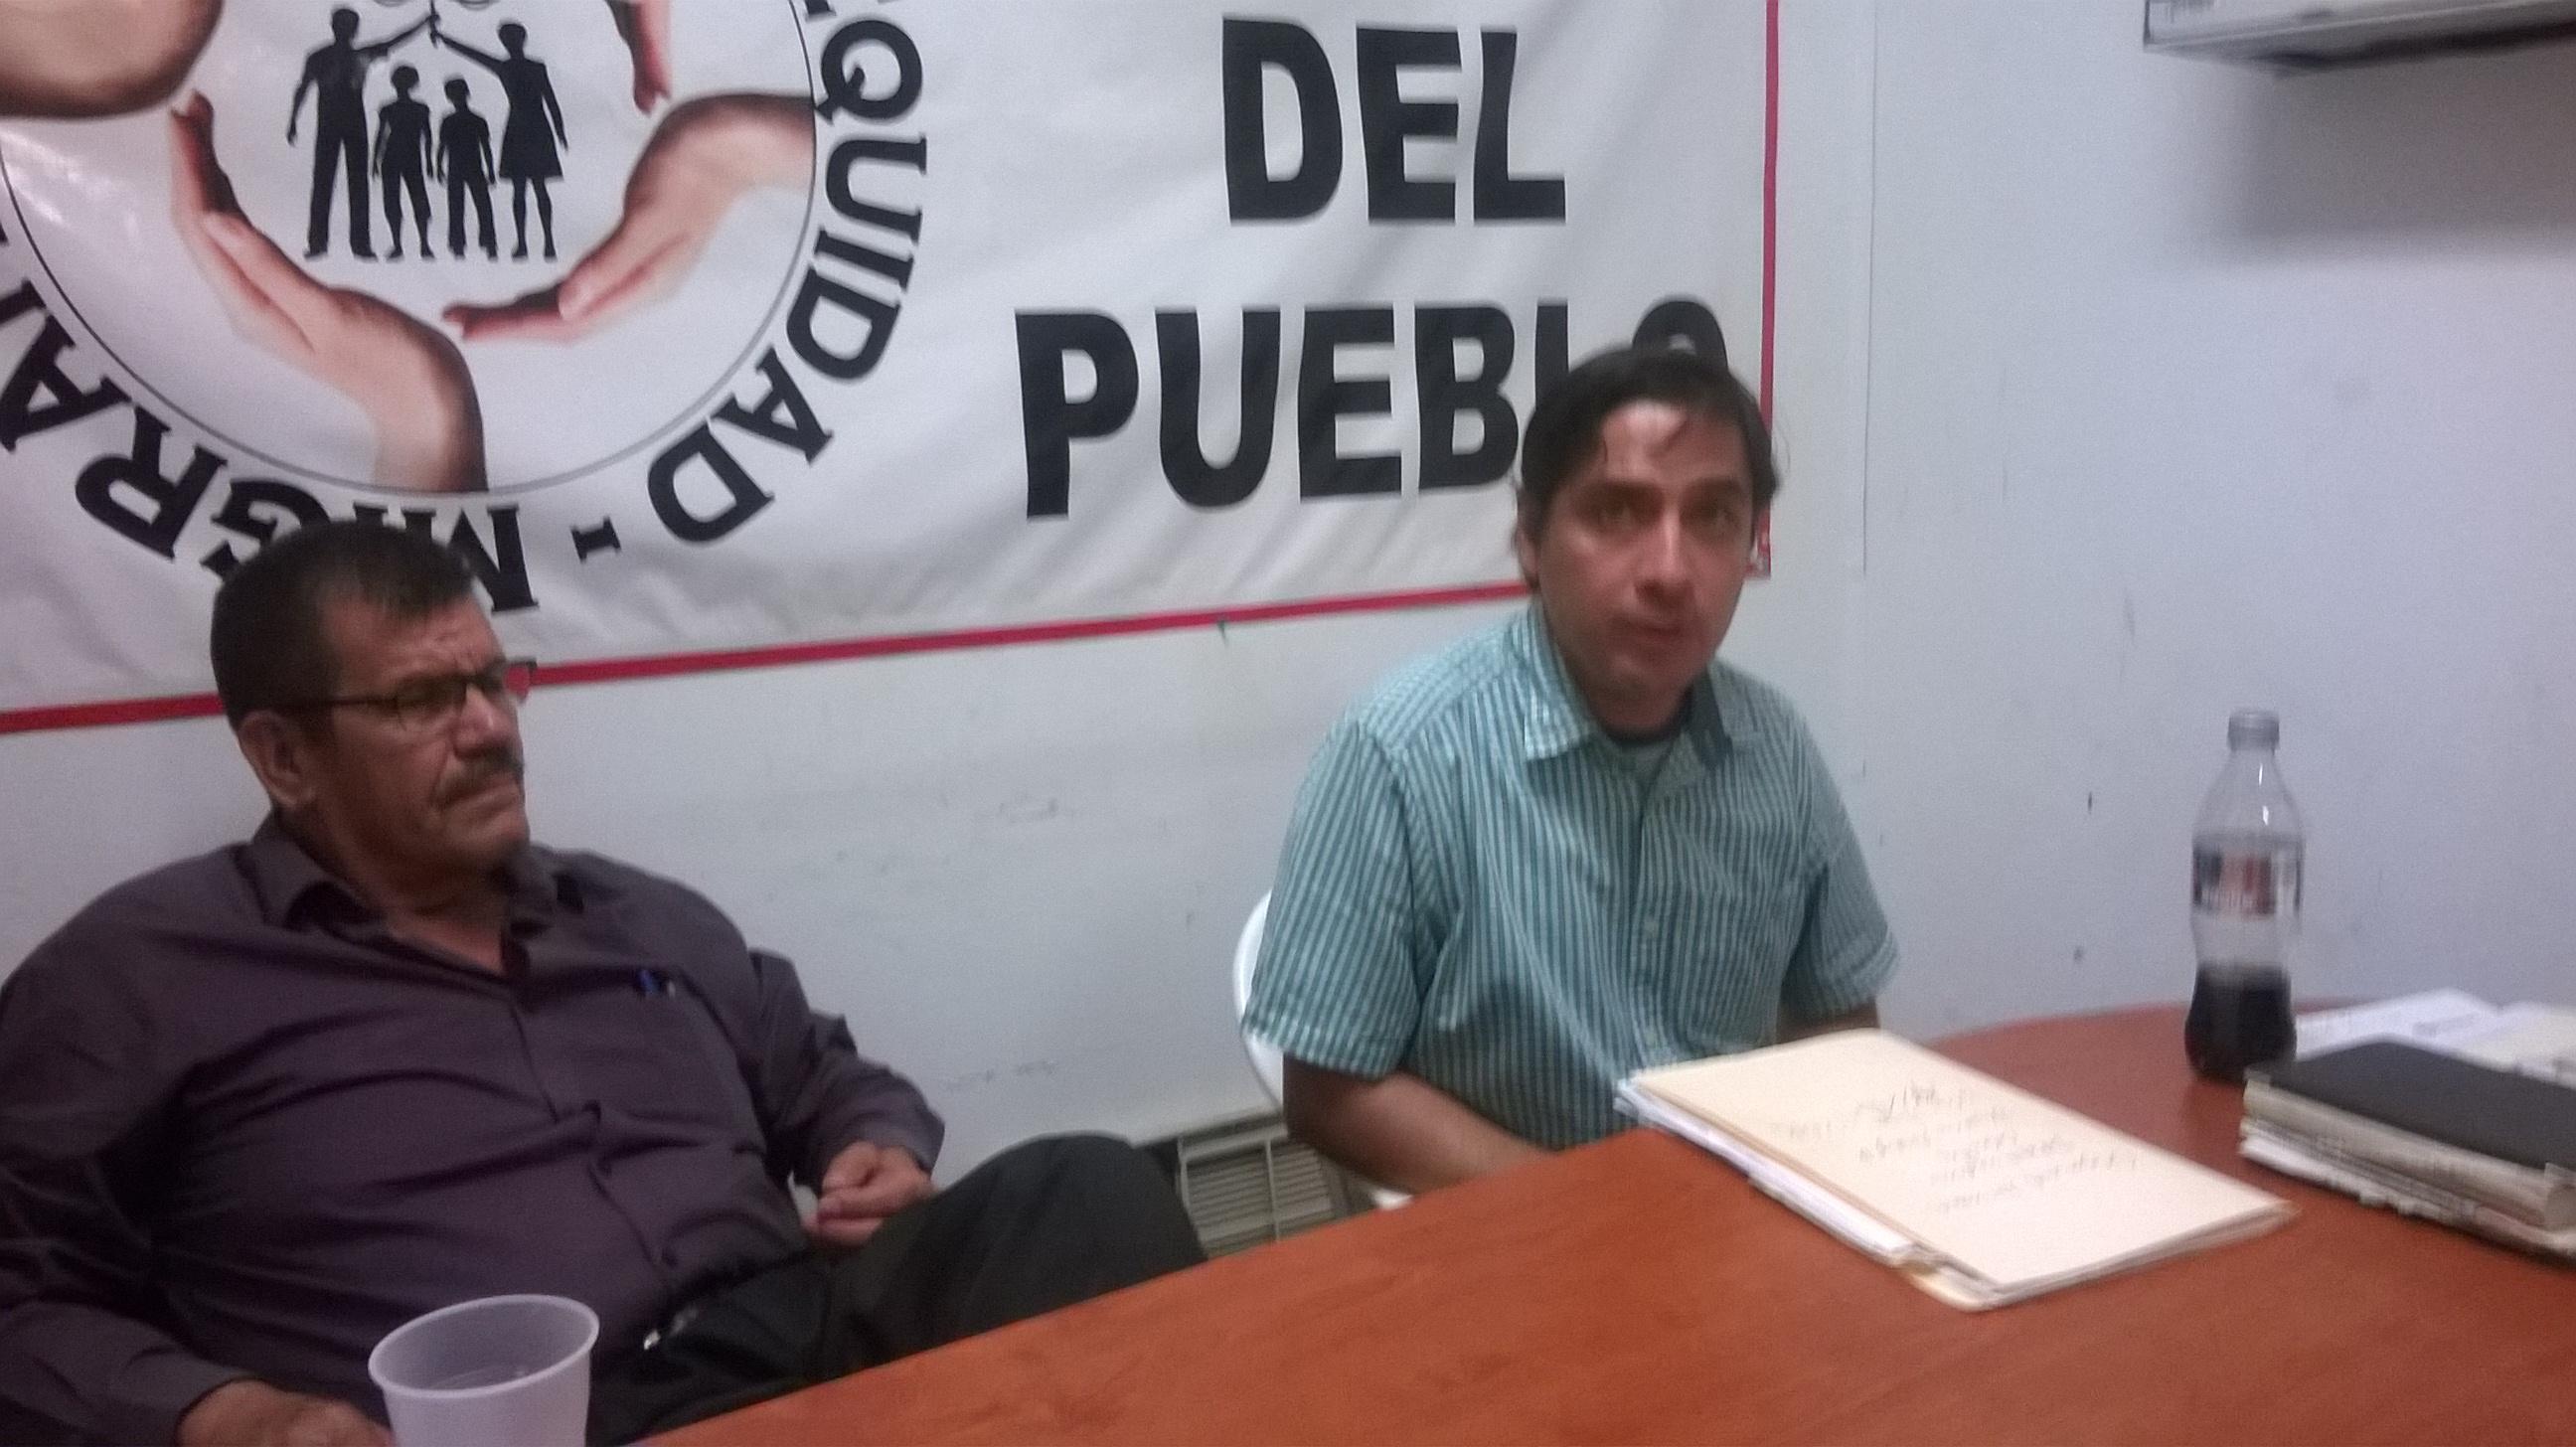 Salomón Monárrez y Ernesto Saldaña en la Oficina del Pueblo. Fotografí:a Gabriela Sánchez